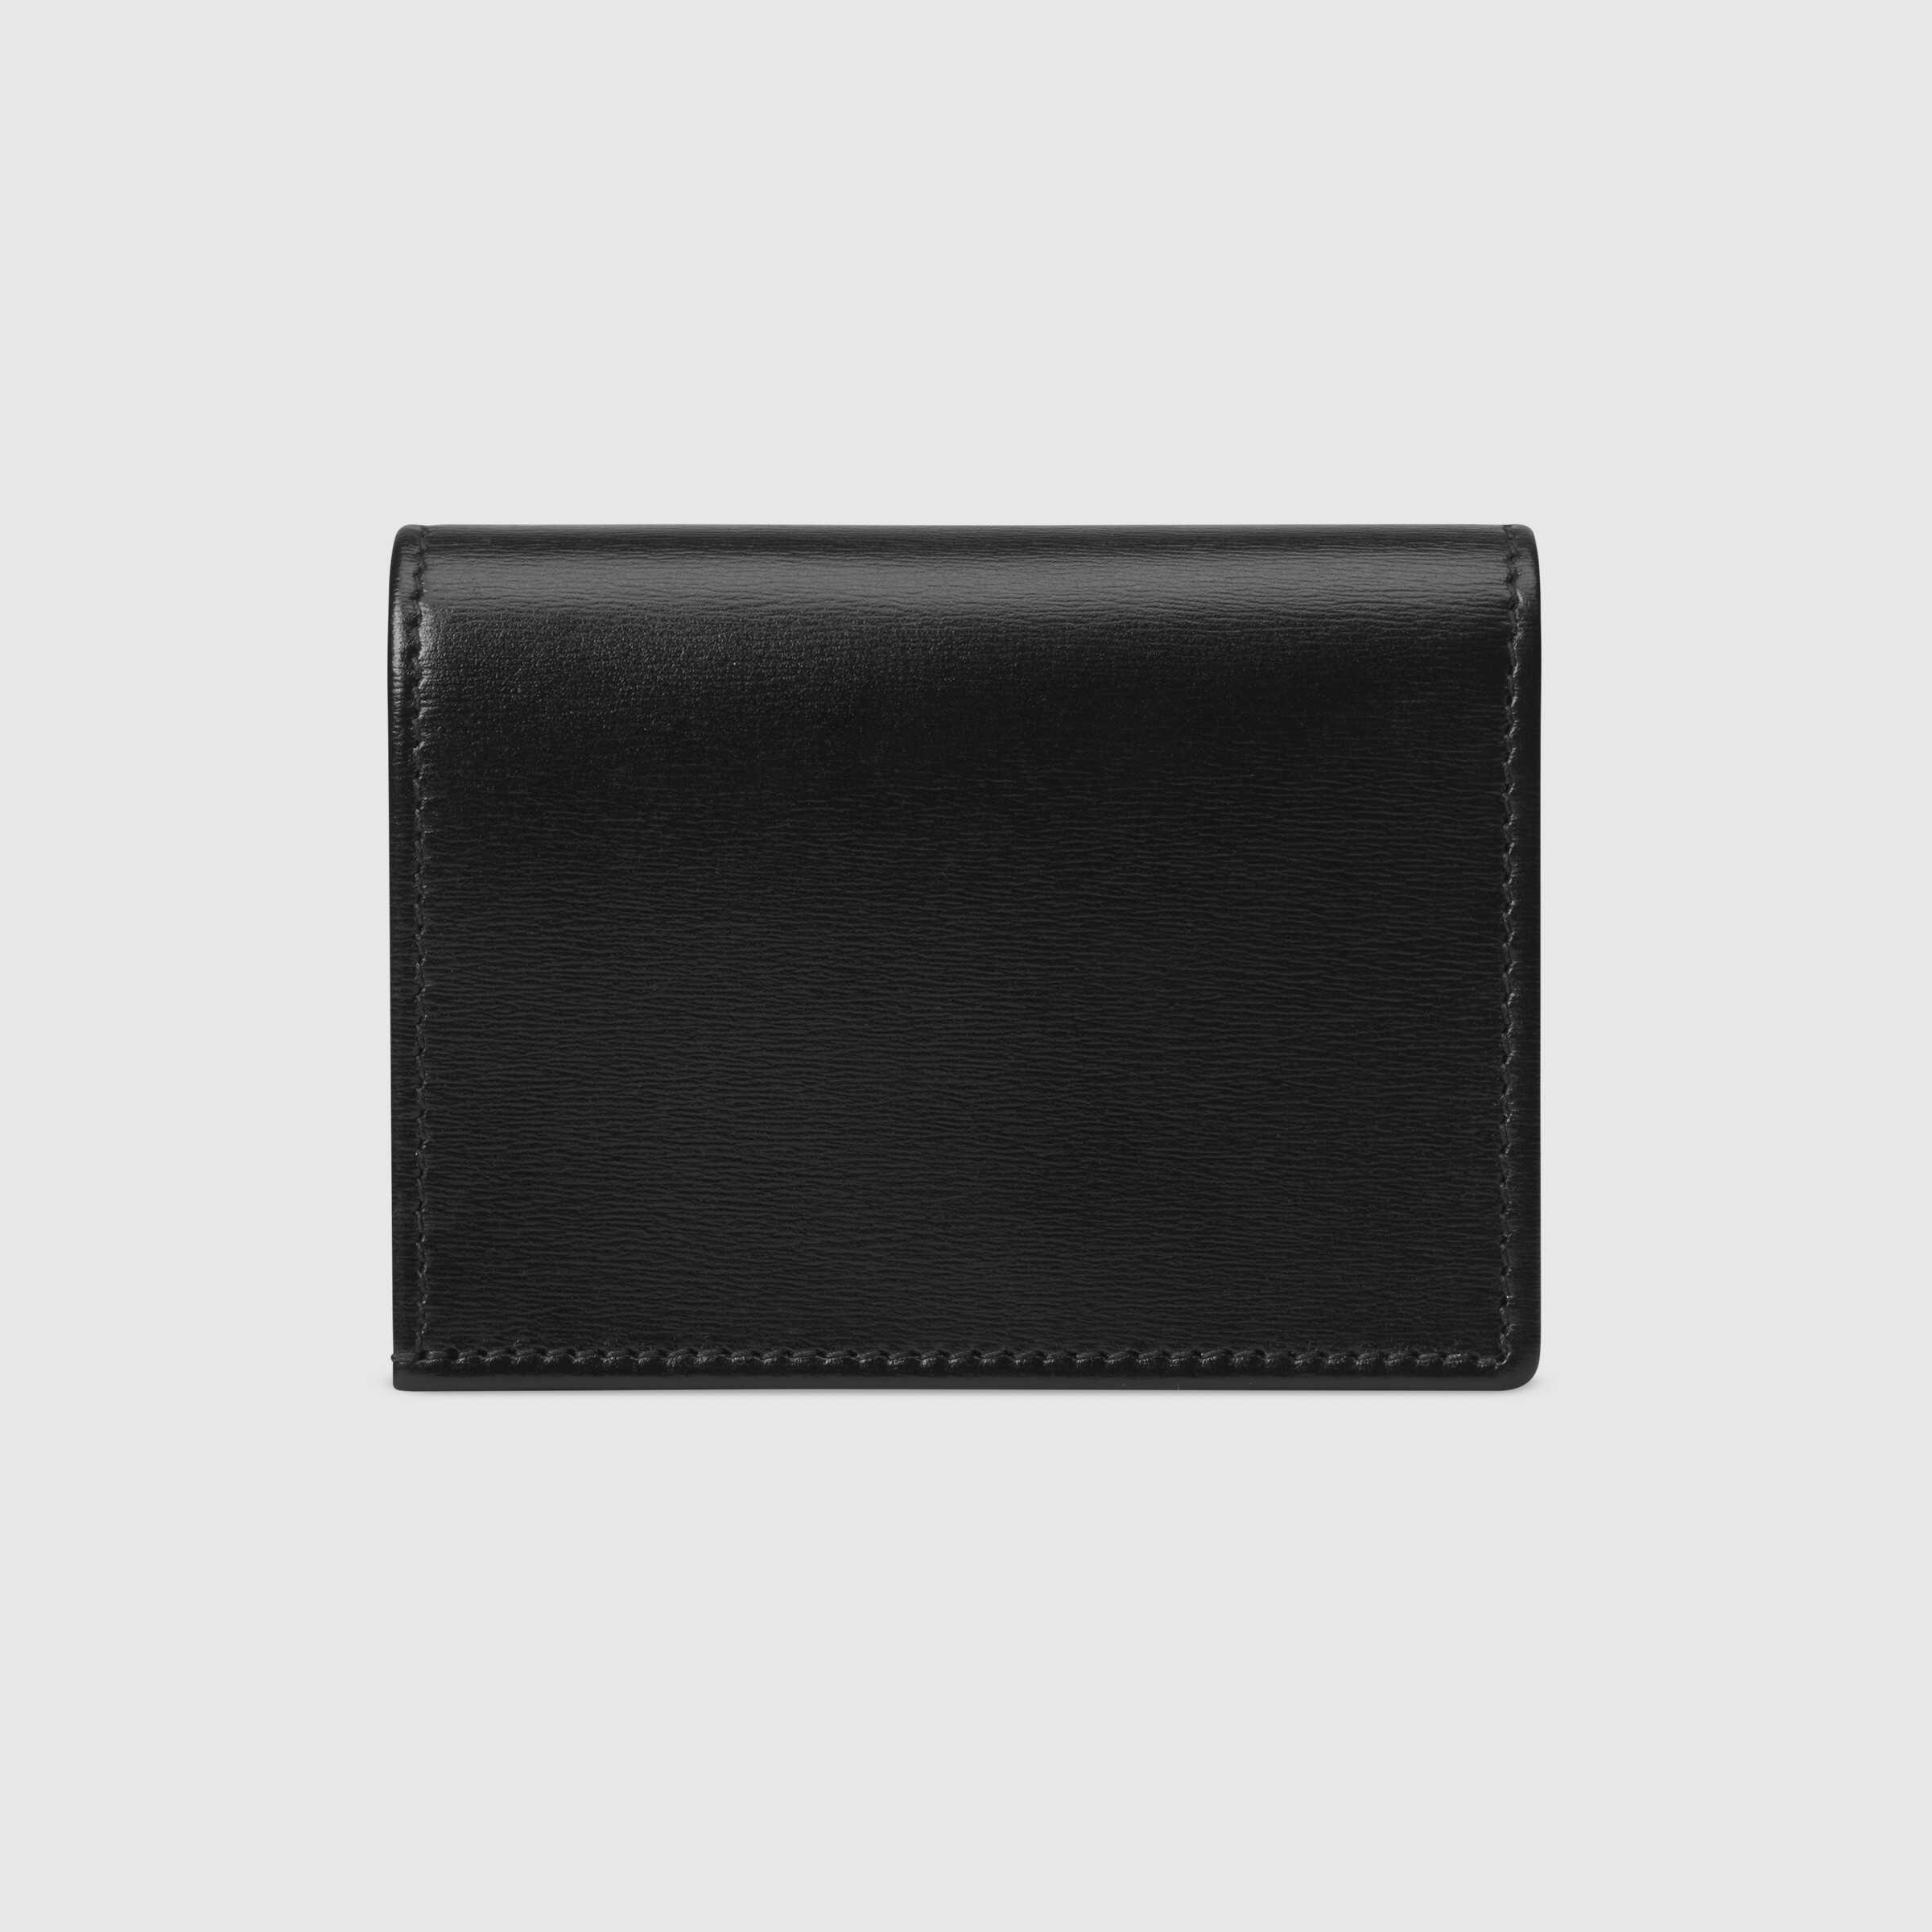 유럽직배송 구찌 카드 케이스 GUCCI 1955 Horsebit card case wallet 6218870YK0G1000